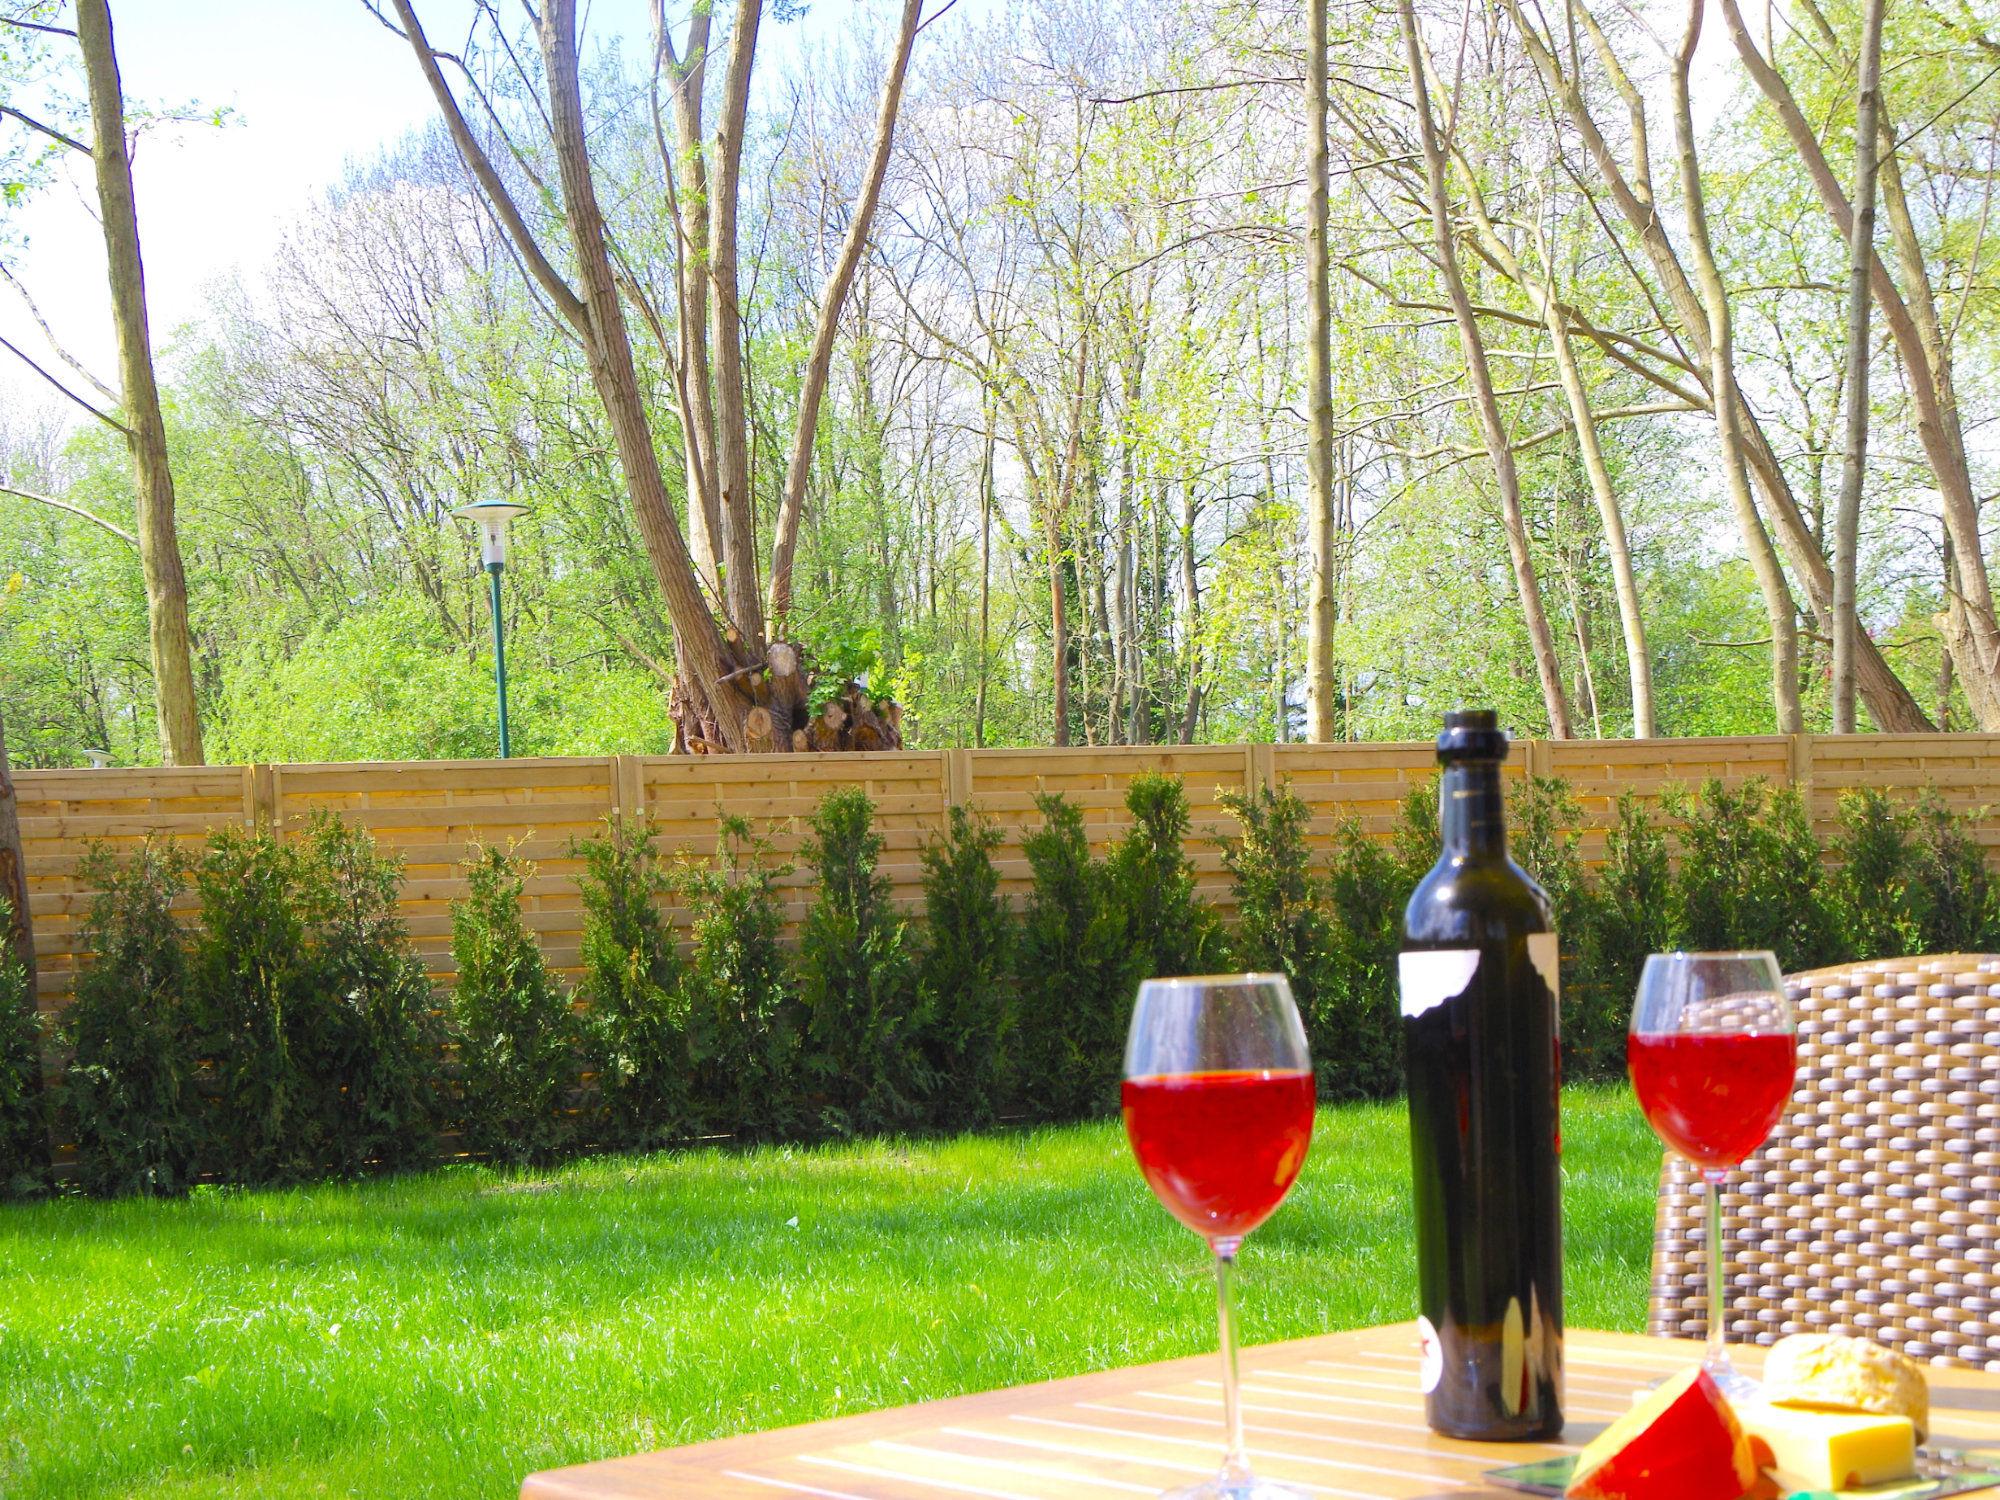 Blick in den Garten mit Rasen, Bäumen im Hintergrund und Terrassenmöbel, bestehend aus einem Tisch und Stühlen